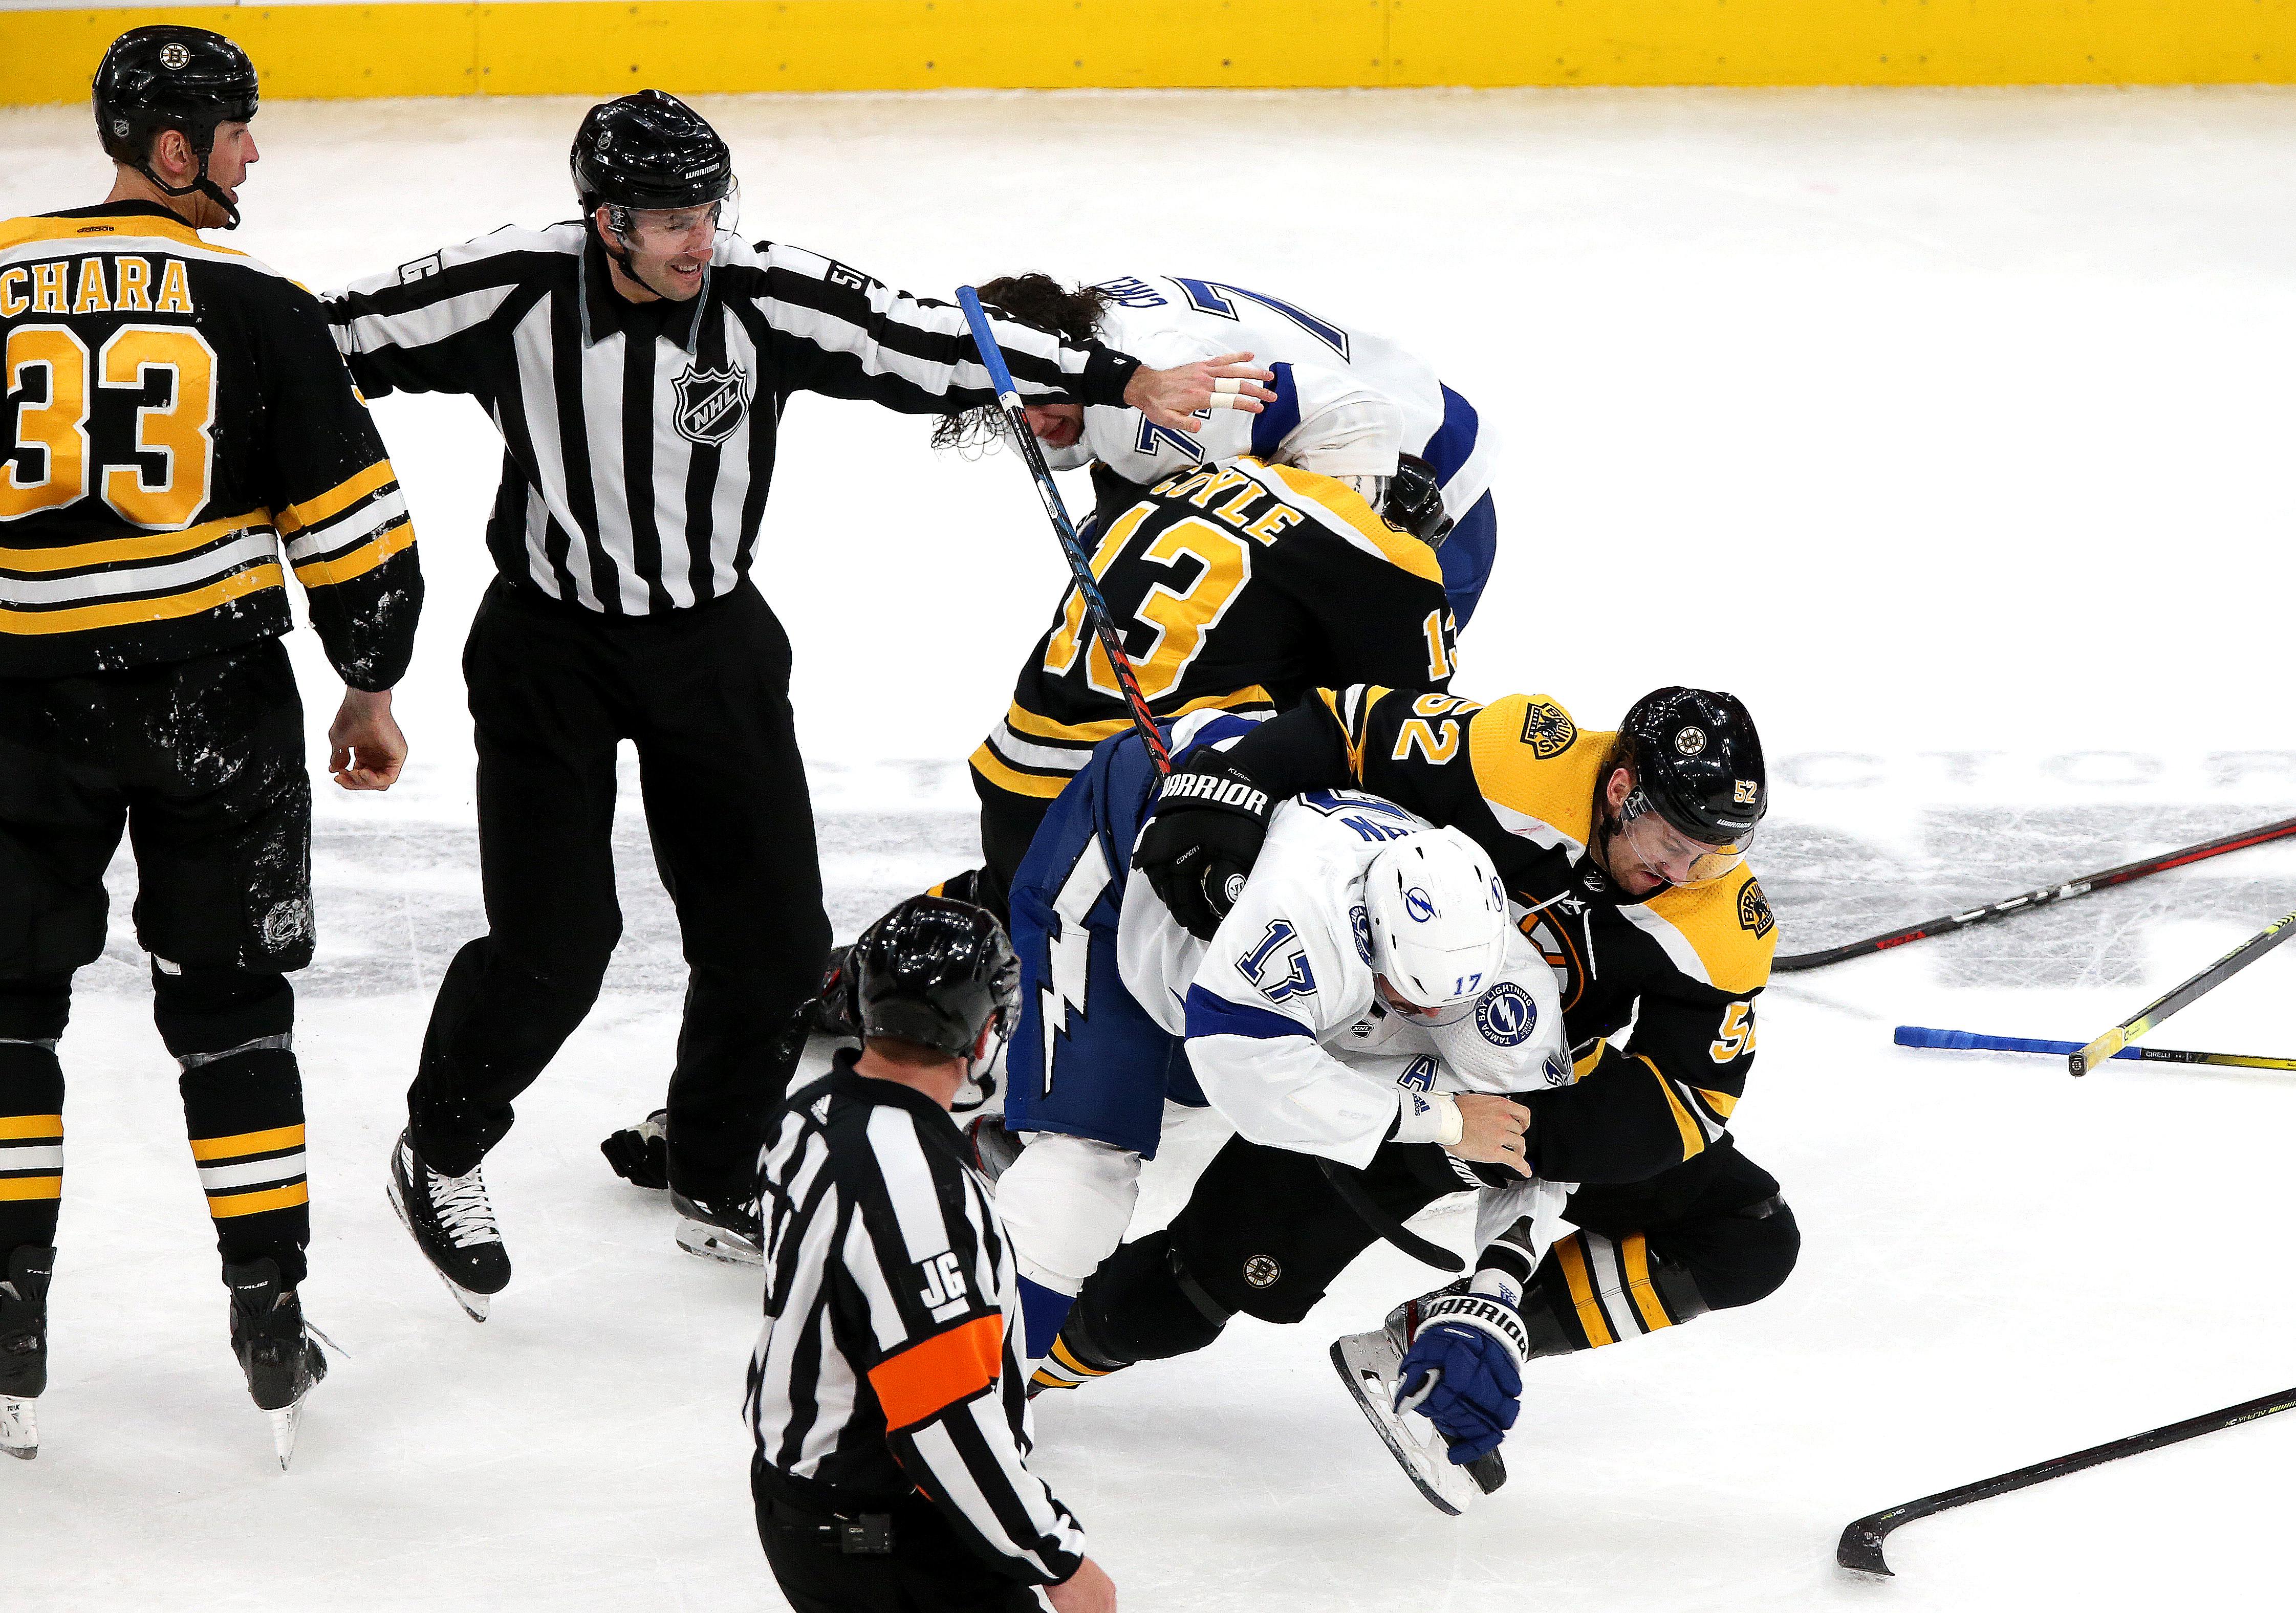 Tampa Bay Lightning Vs Boston Bruins At TD Garden